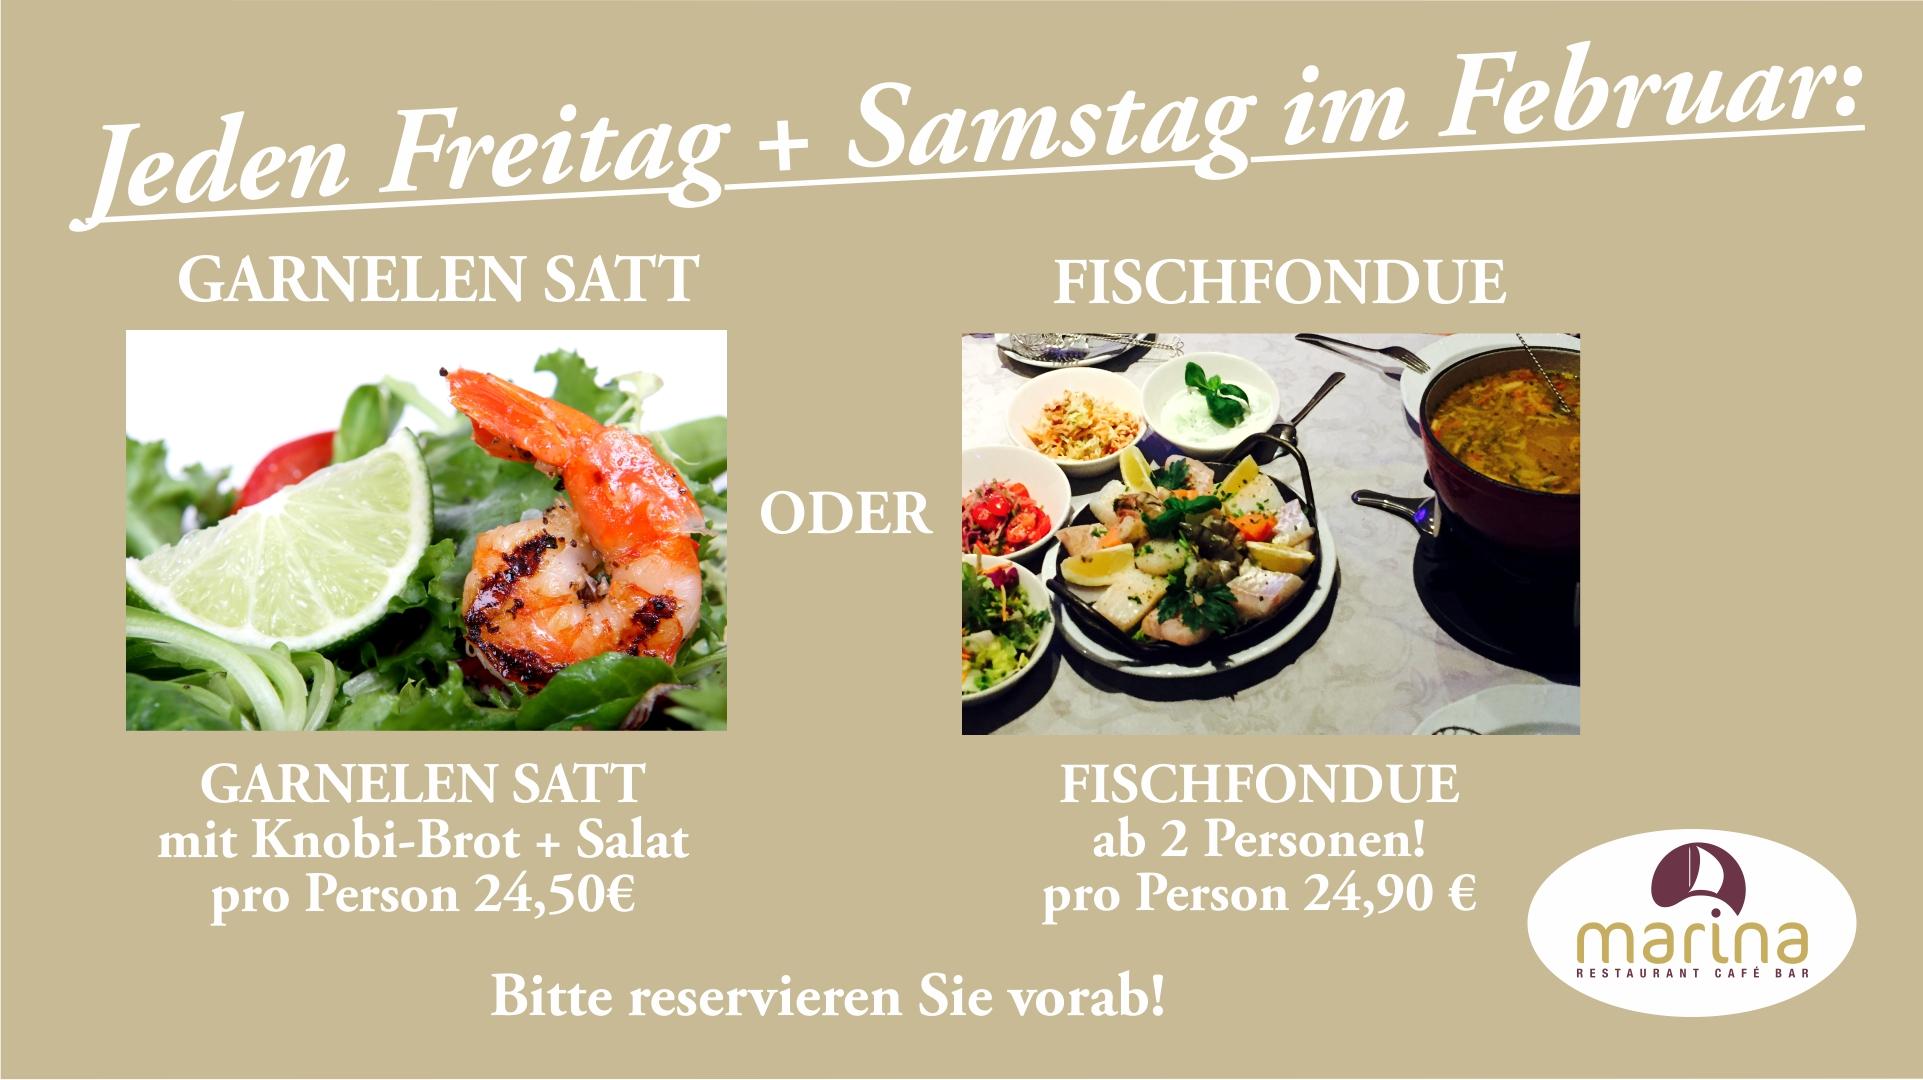 Unser Special-Angebot im Februar an jedem Freitag und Samstag: GARNELEN SATT oder FISCHFONDUE